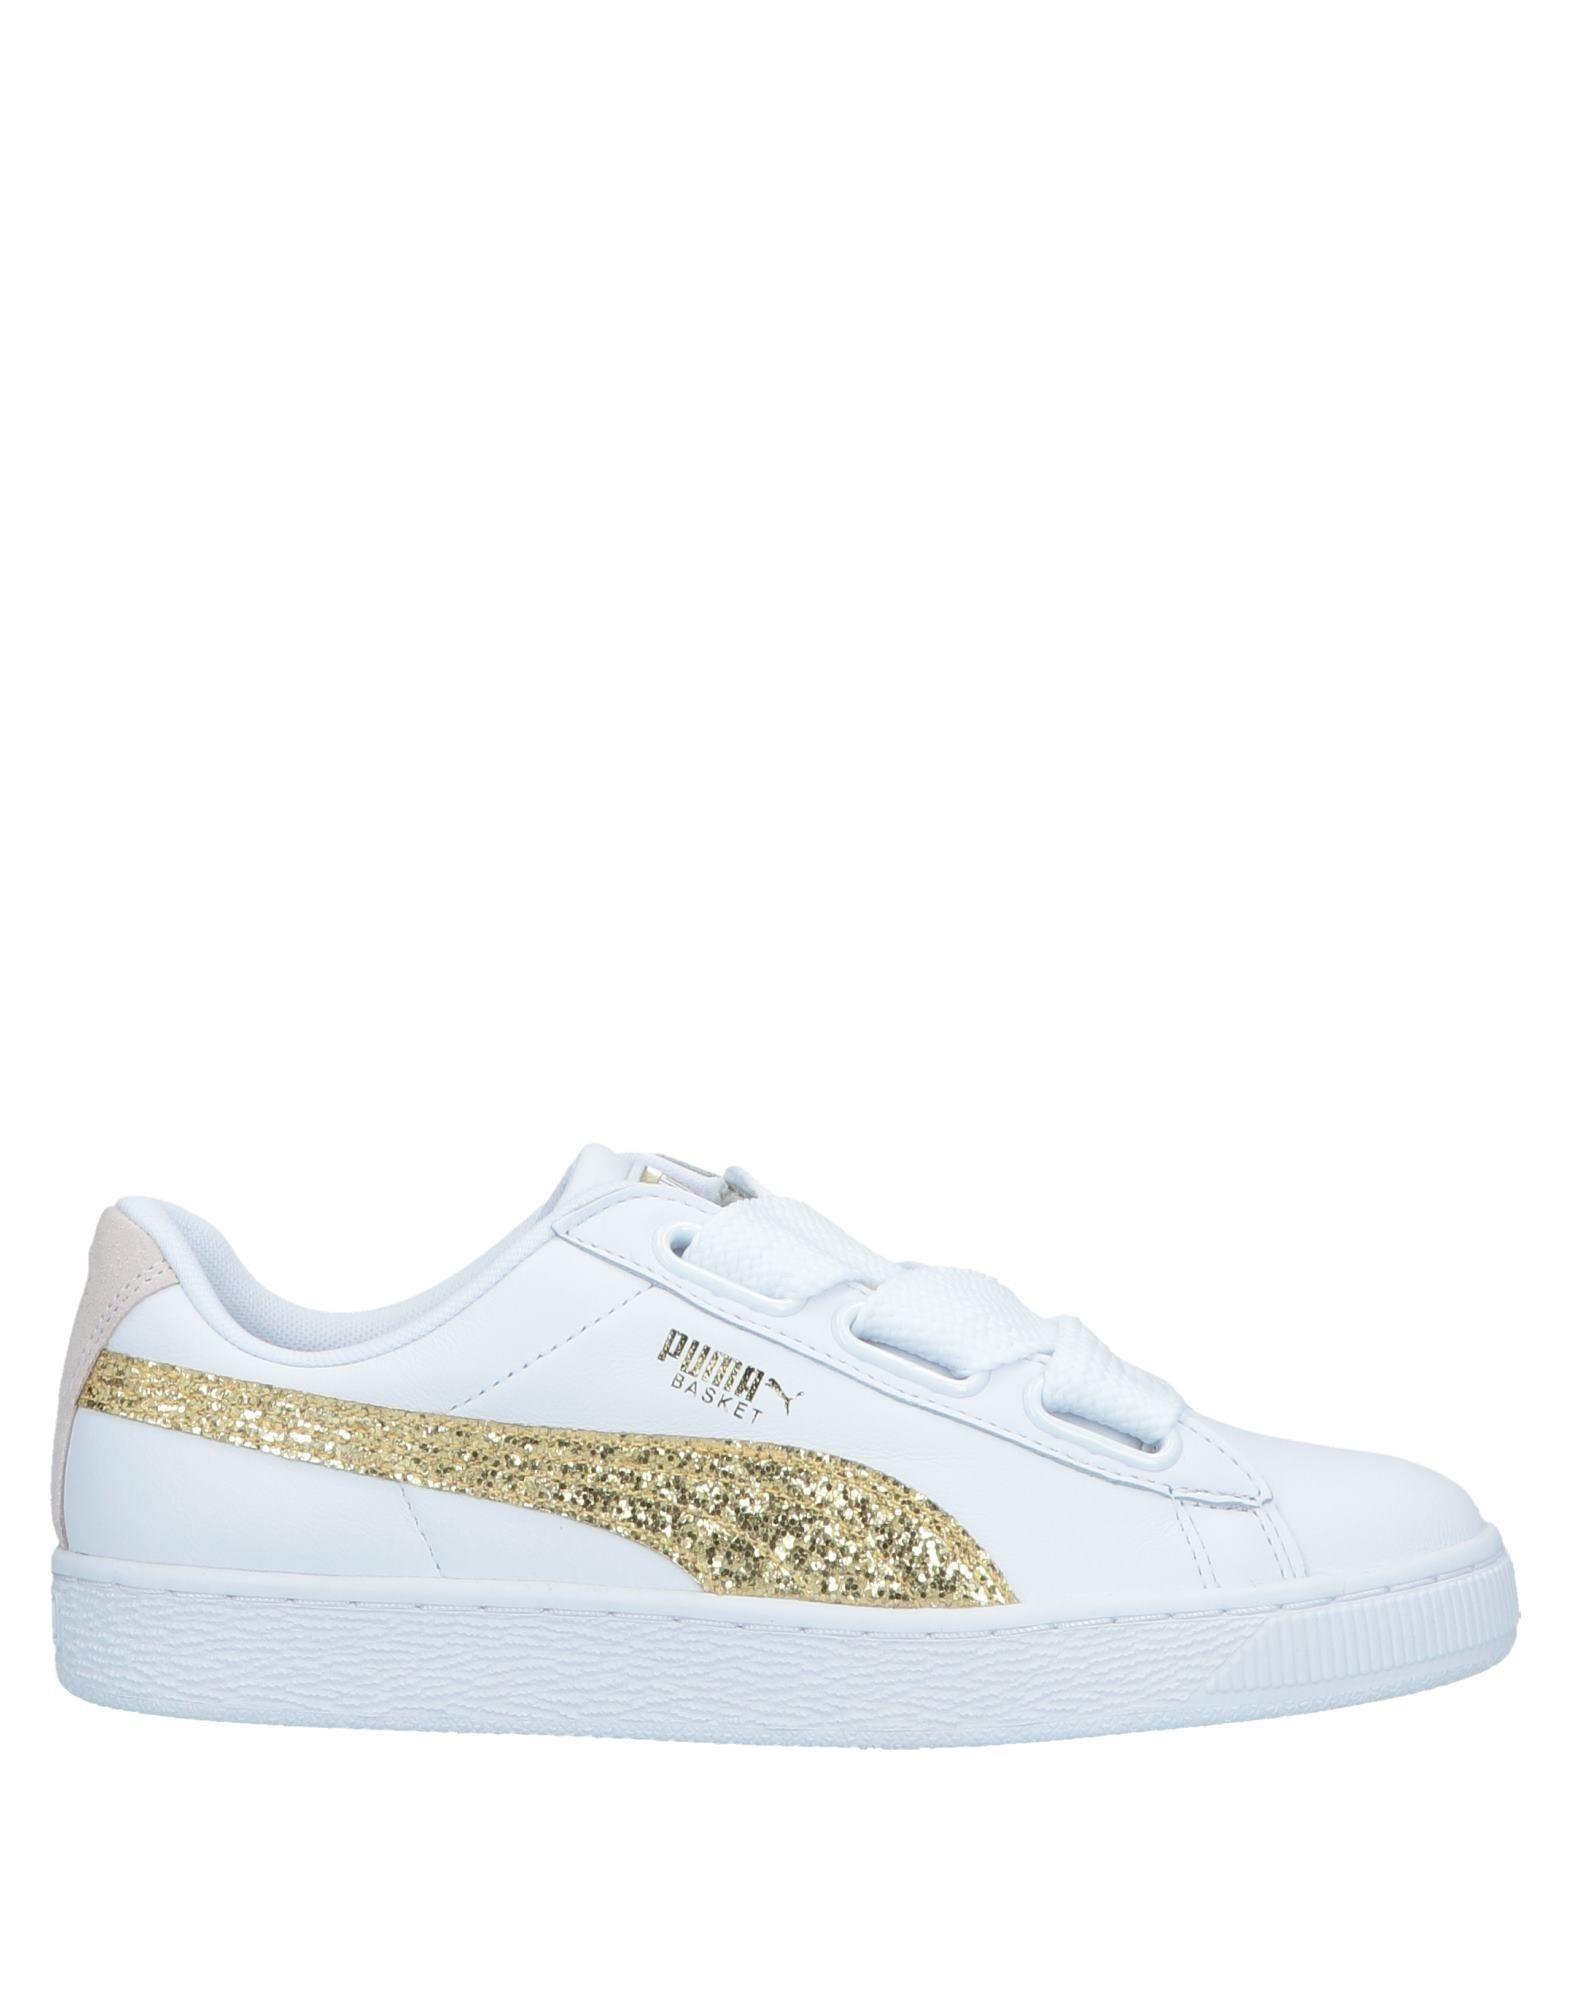 Puma Sneakers Damen  beliebte 11608863XW Gute Qualität beliebte  Schuhe 192e46